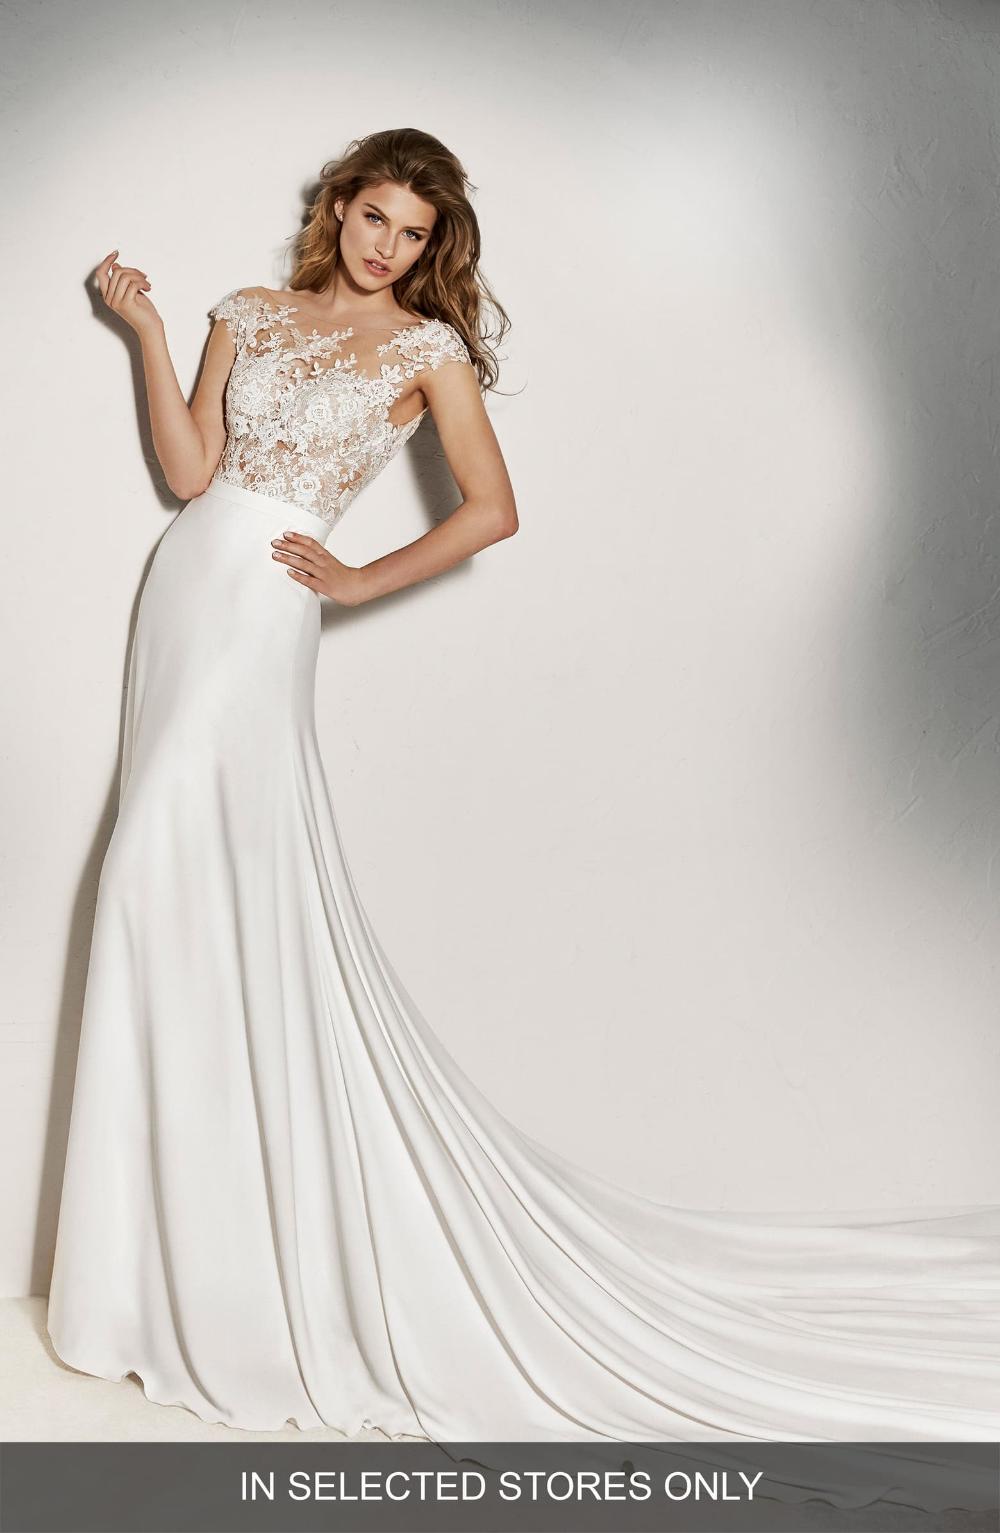 Pronovias Guadiana Crepe Skirt Nordstrom Nordstrom Wedding Dresses Nordstrom Bridal Best Wedding Dresses